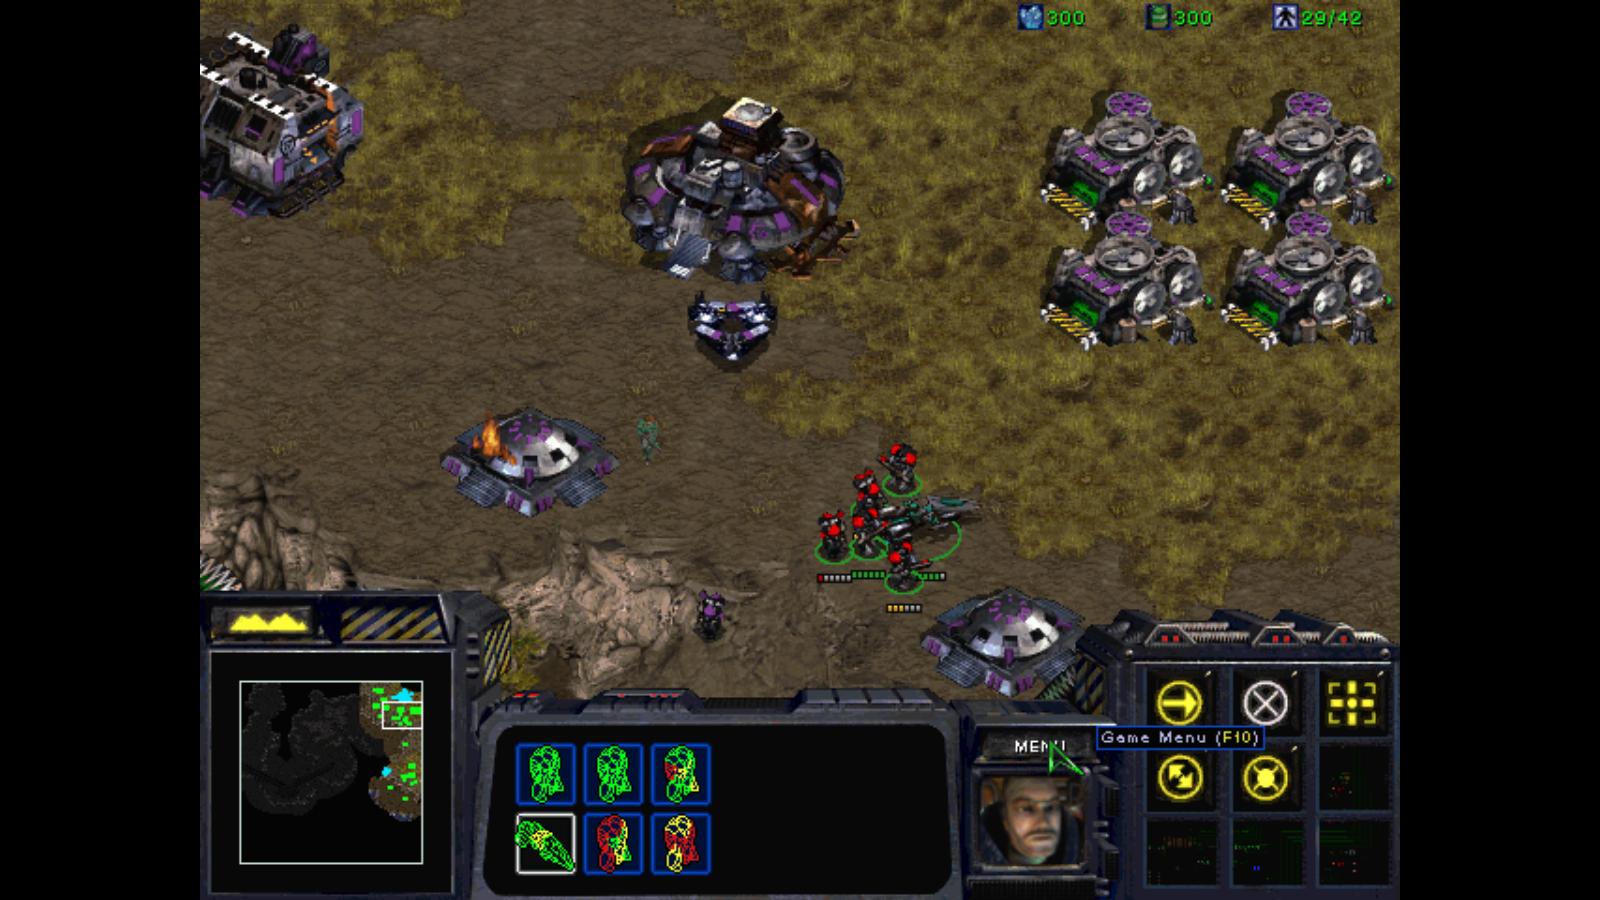 StarCraft. Ekran misji i interfejs gry.